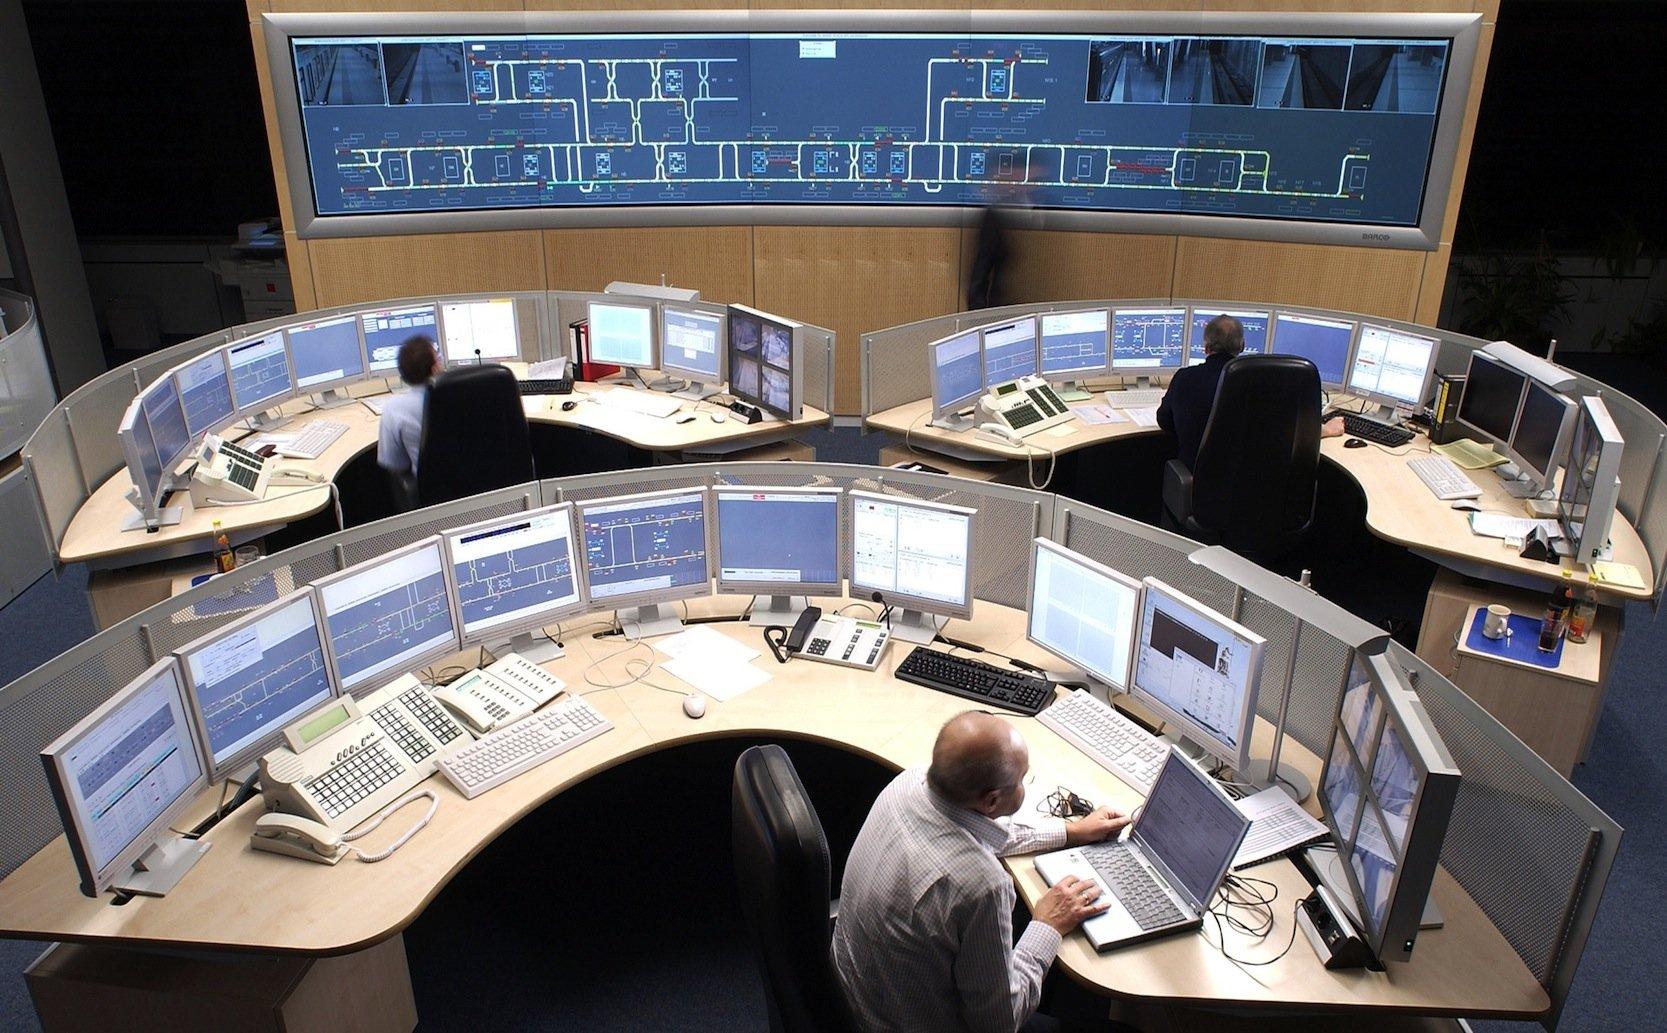 Die Leitzentrale der Nürnberger Verkehrsbetriebe: Die Daten der fahrerlosen U-Bahnen laufen hier zusammen und werden von einenHochleistungsrechner analysiert.